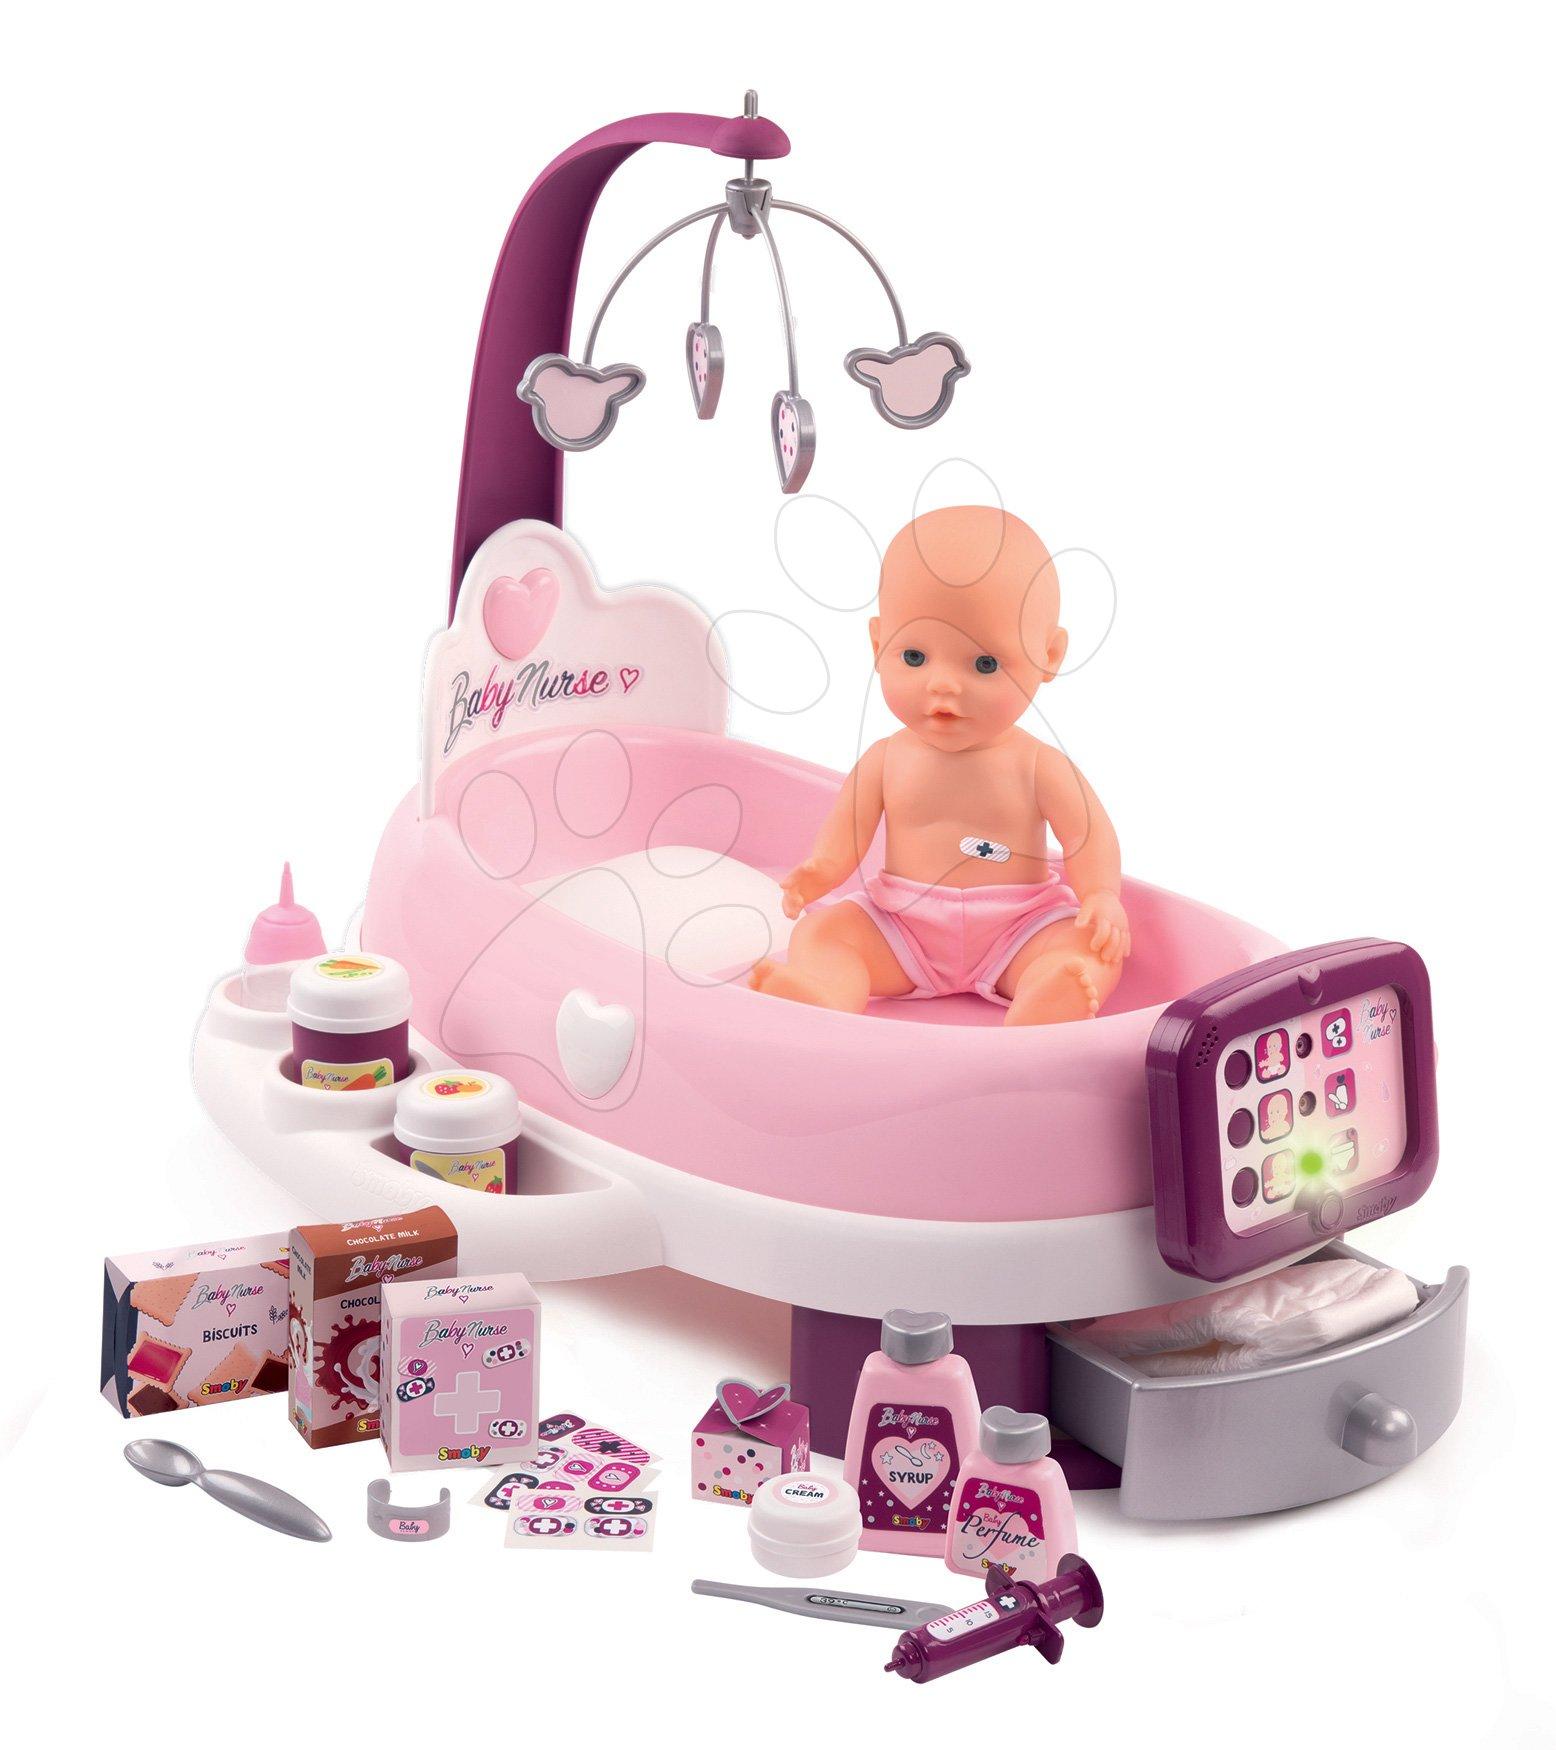 Opatrovateľské centrum elektronické Violette Baby Nurse Smoby s 30 cm cikajúcou bábikou a 24 doplnkami